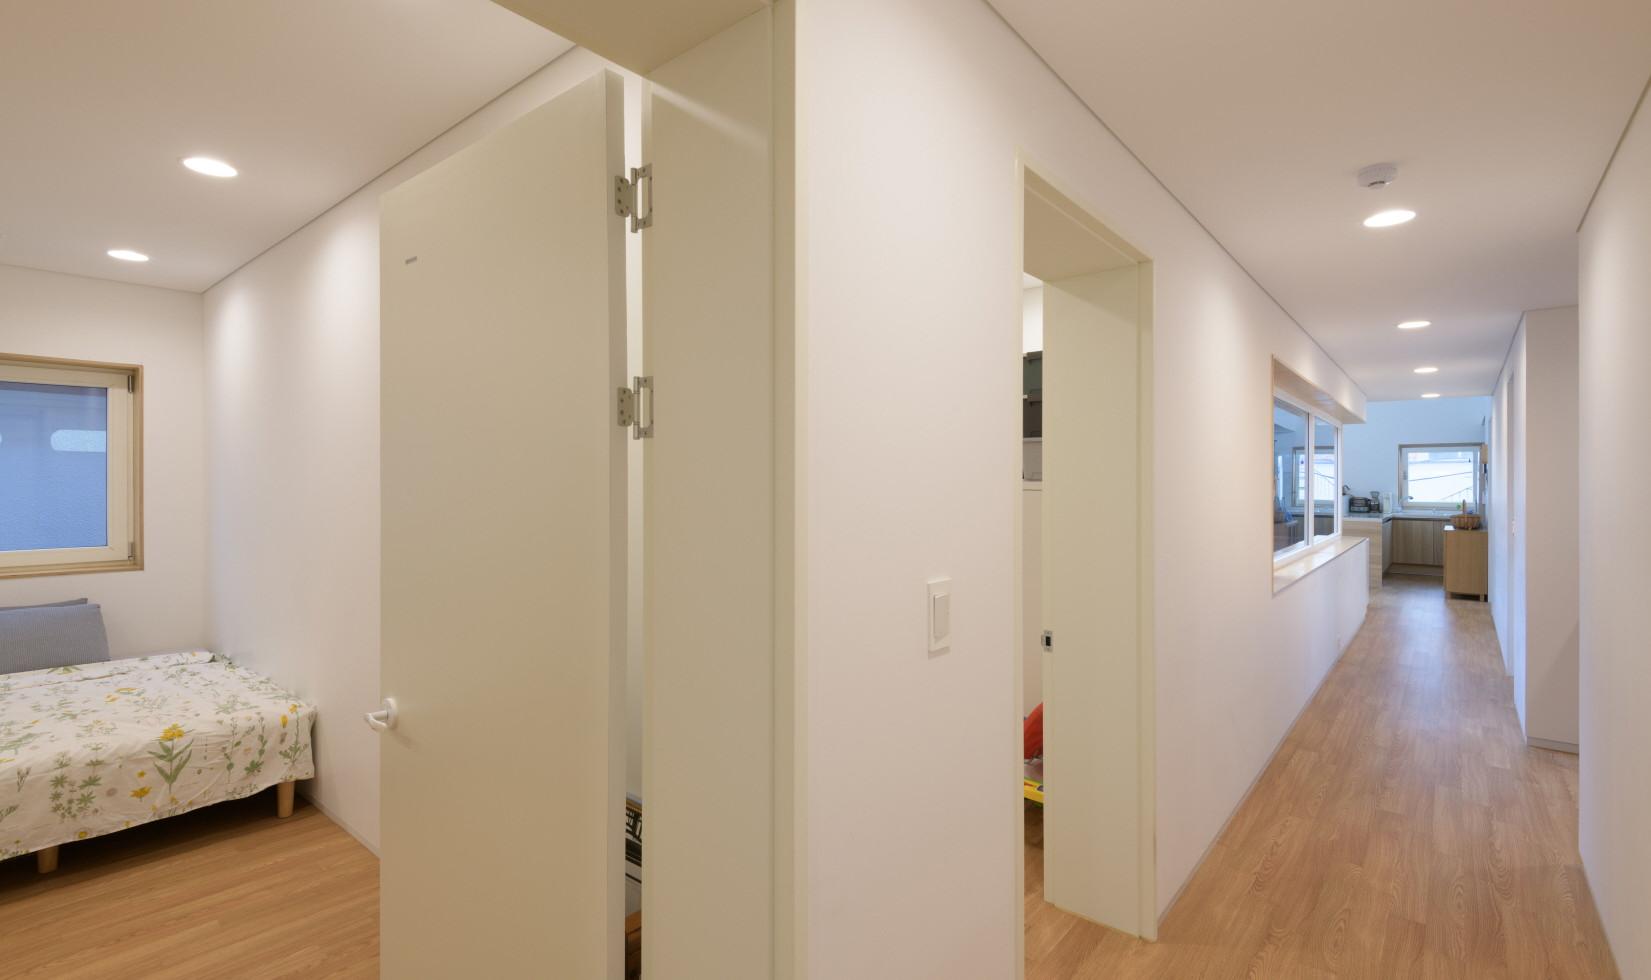 2층 침실 및 복도.jpg